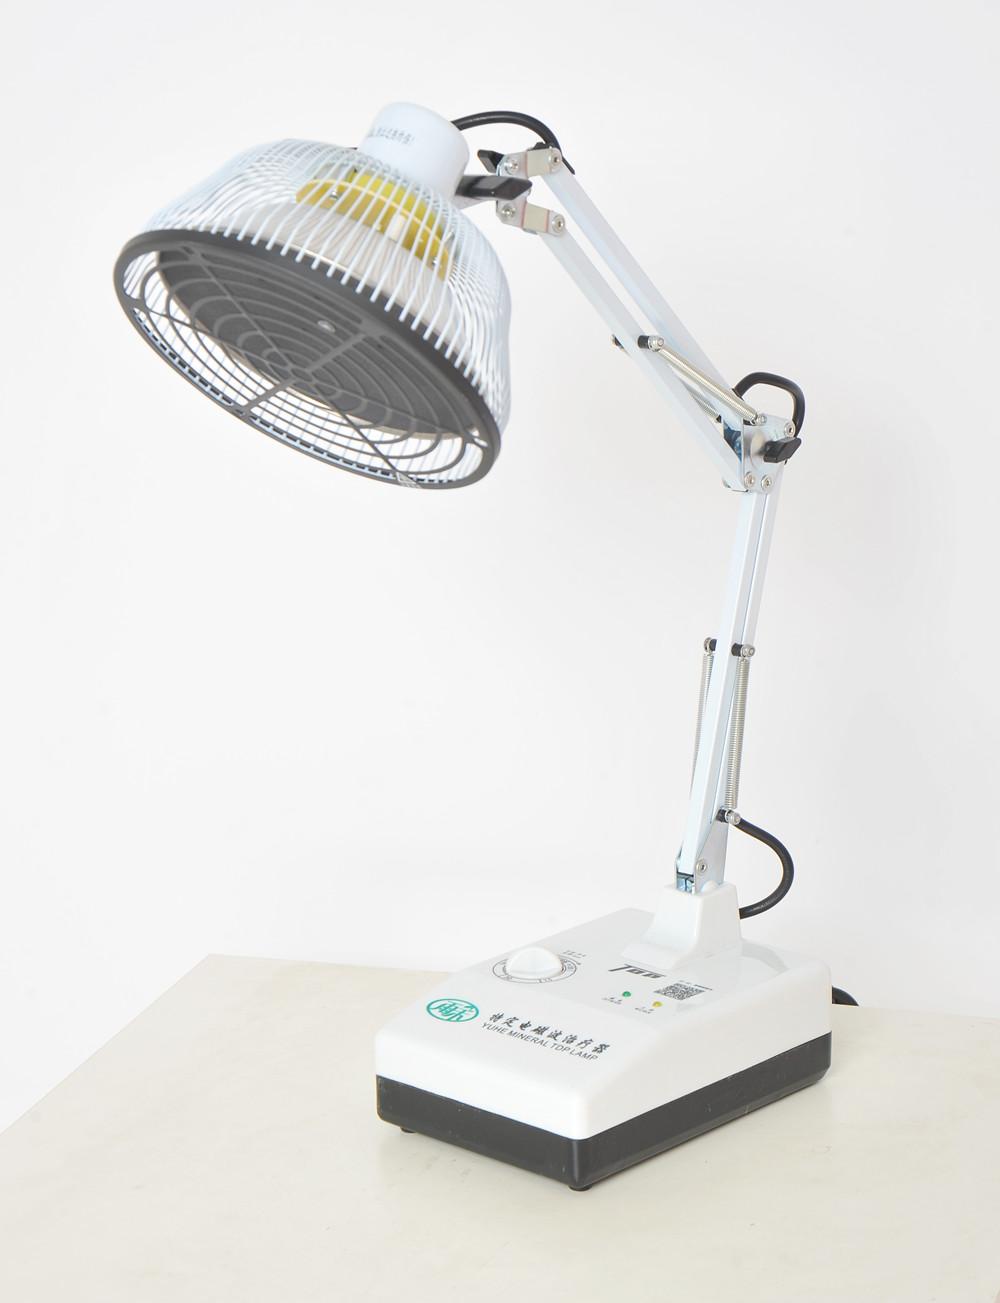 acupuncture-heat-lamp-photo-11